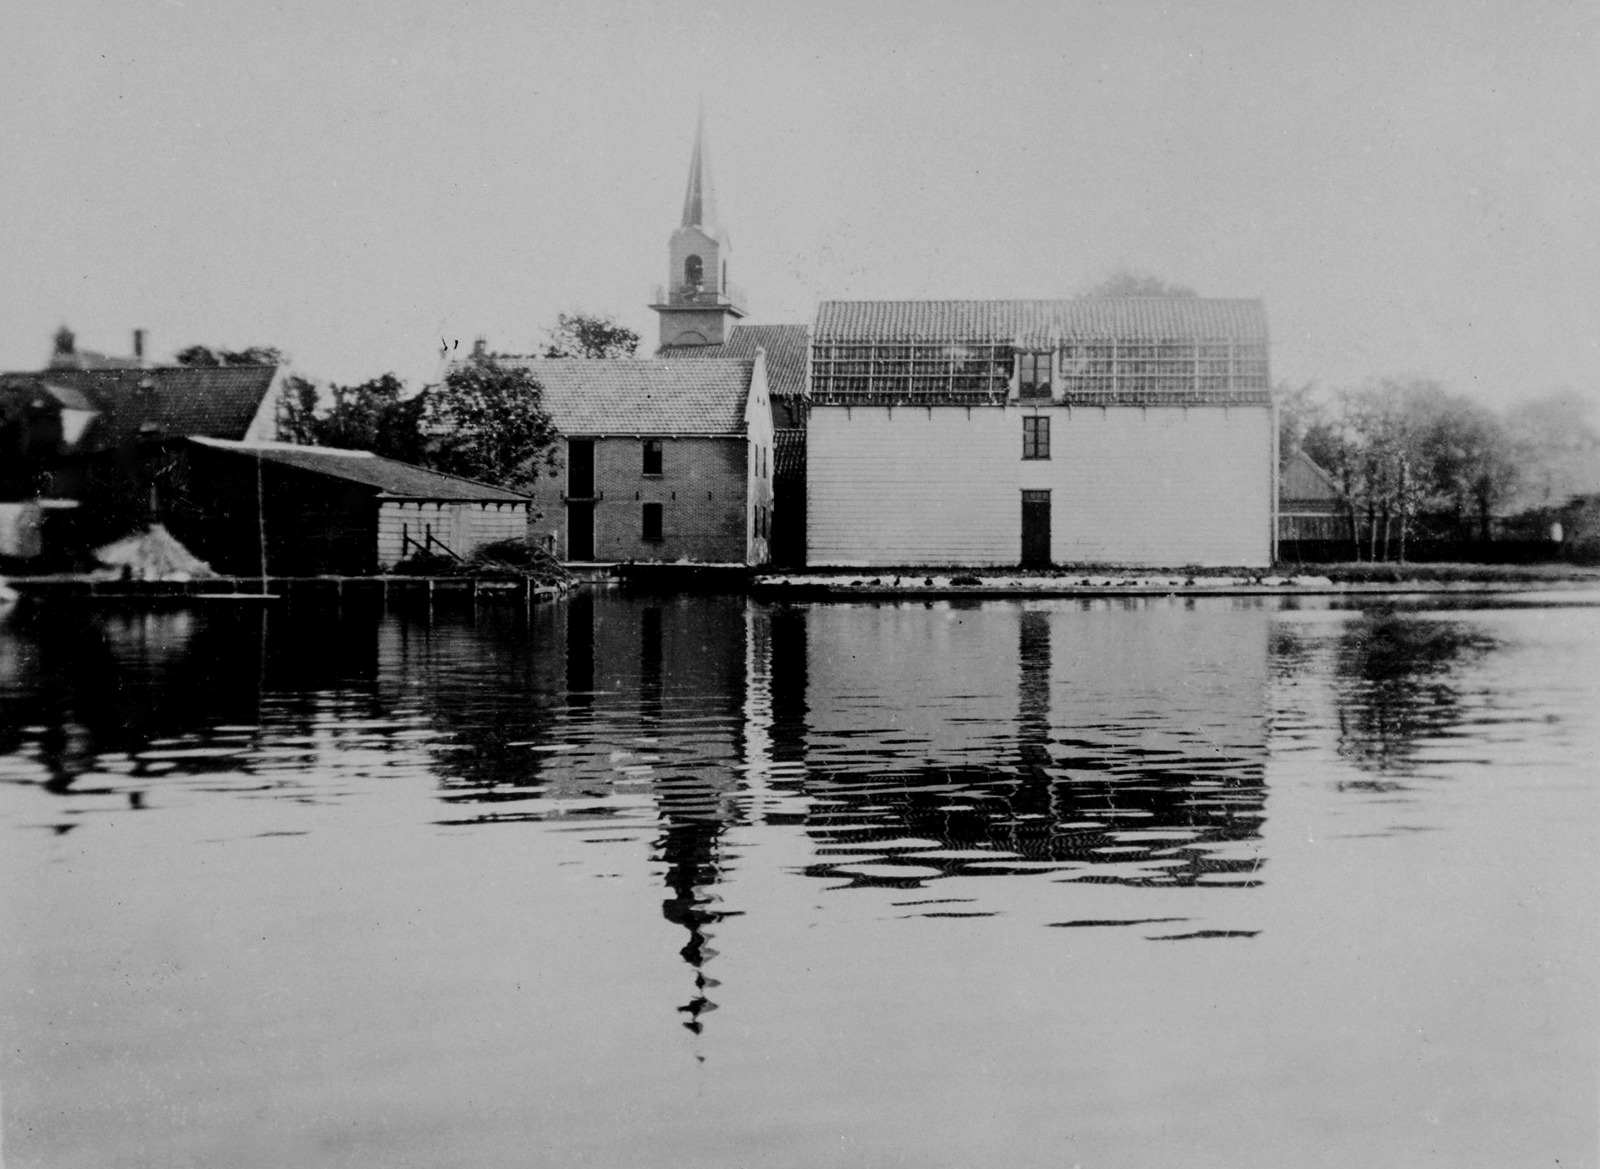 Kaaspakhuis Landsmeer